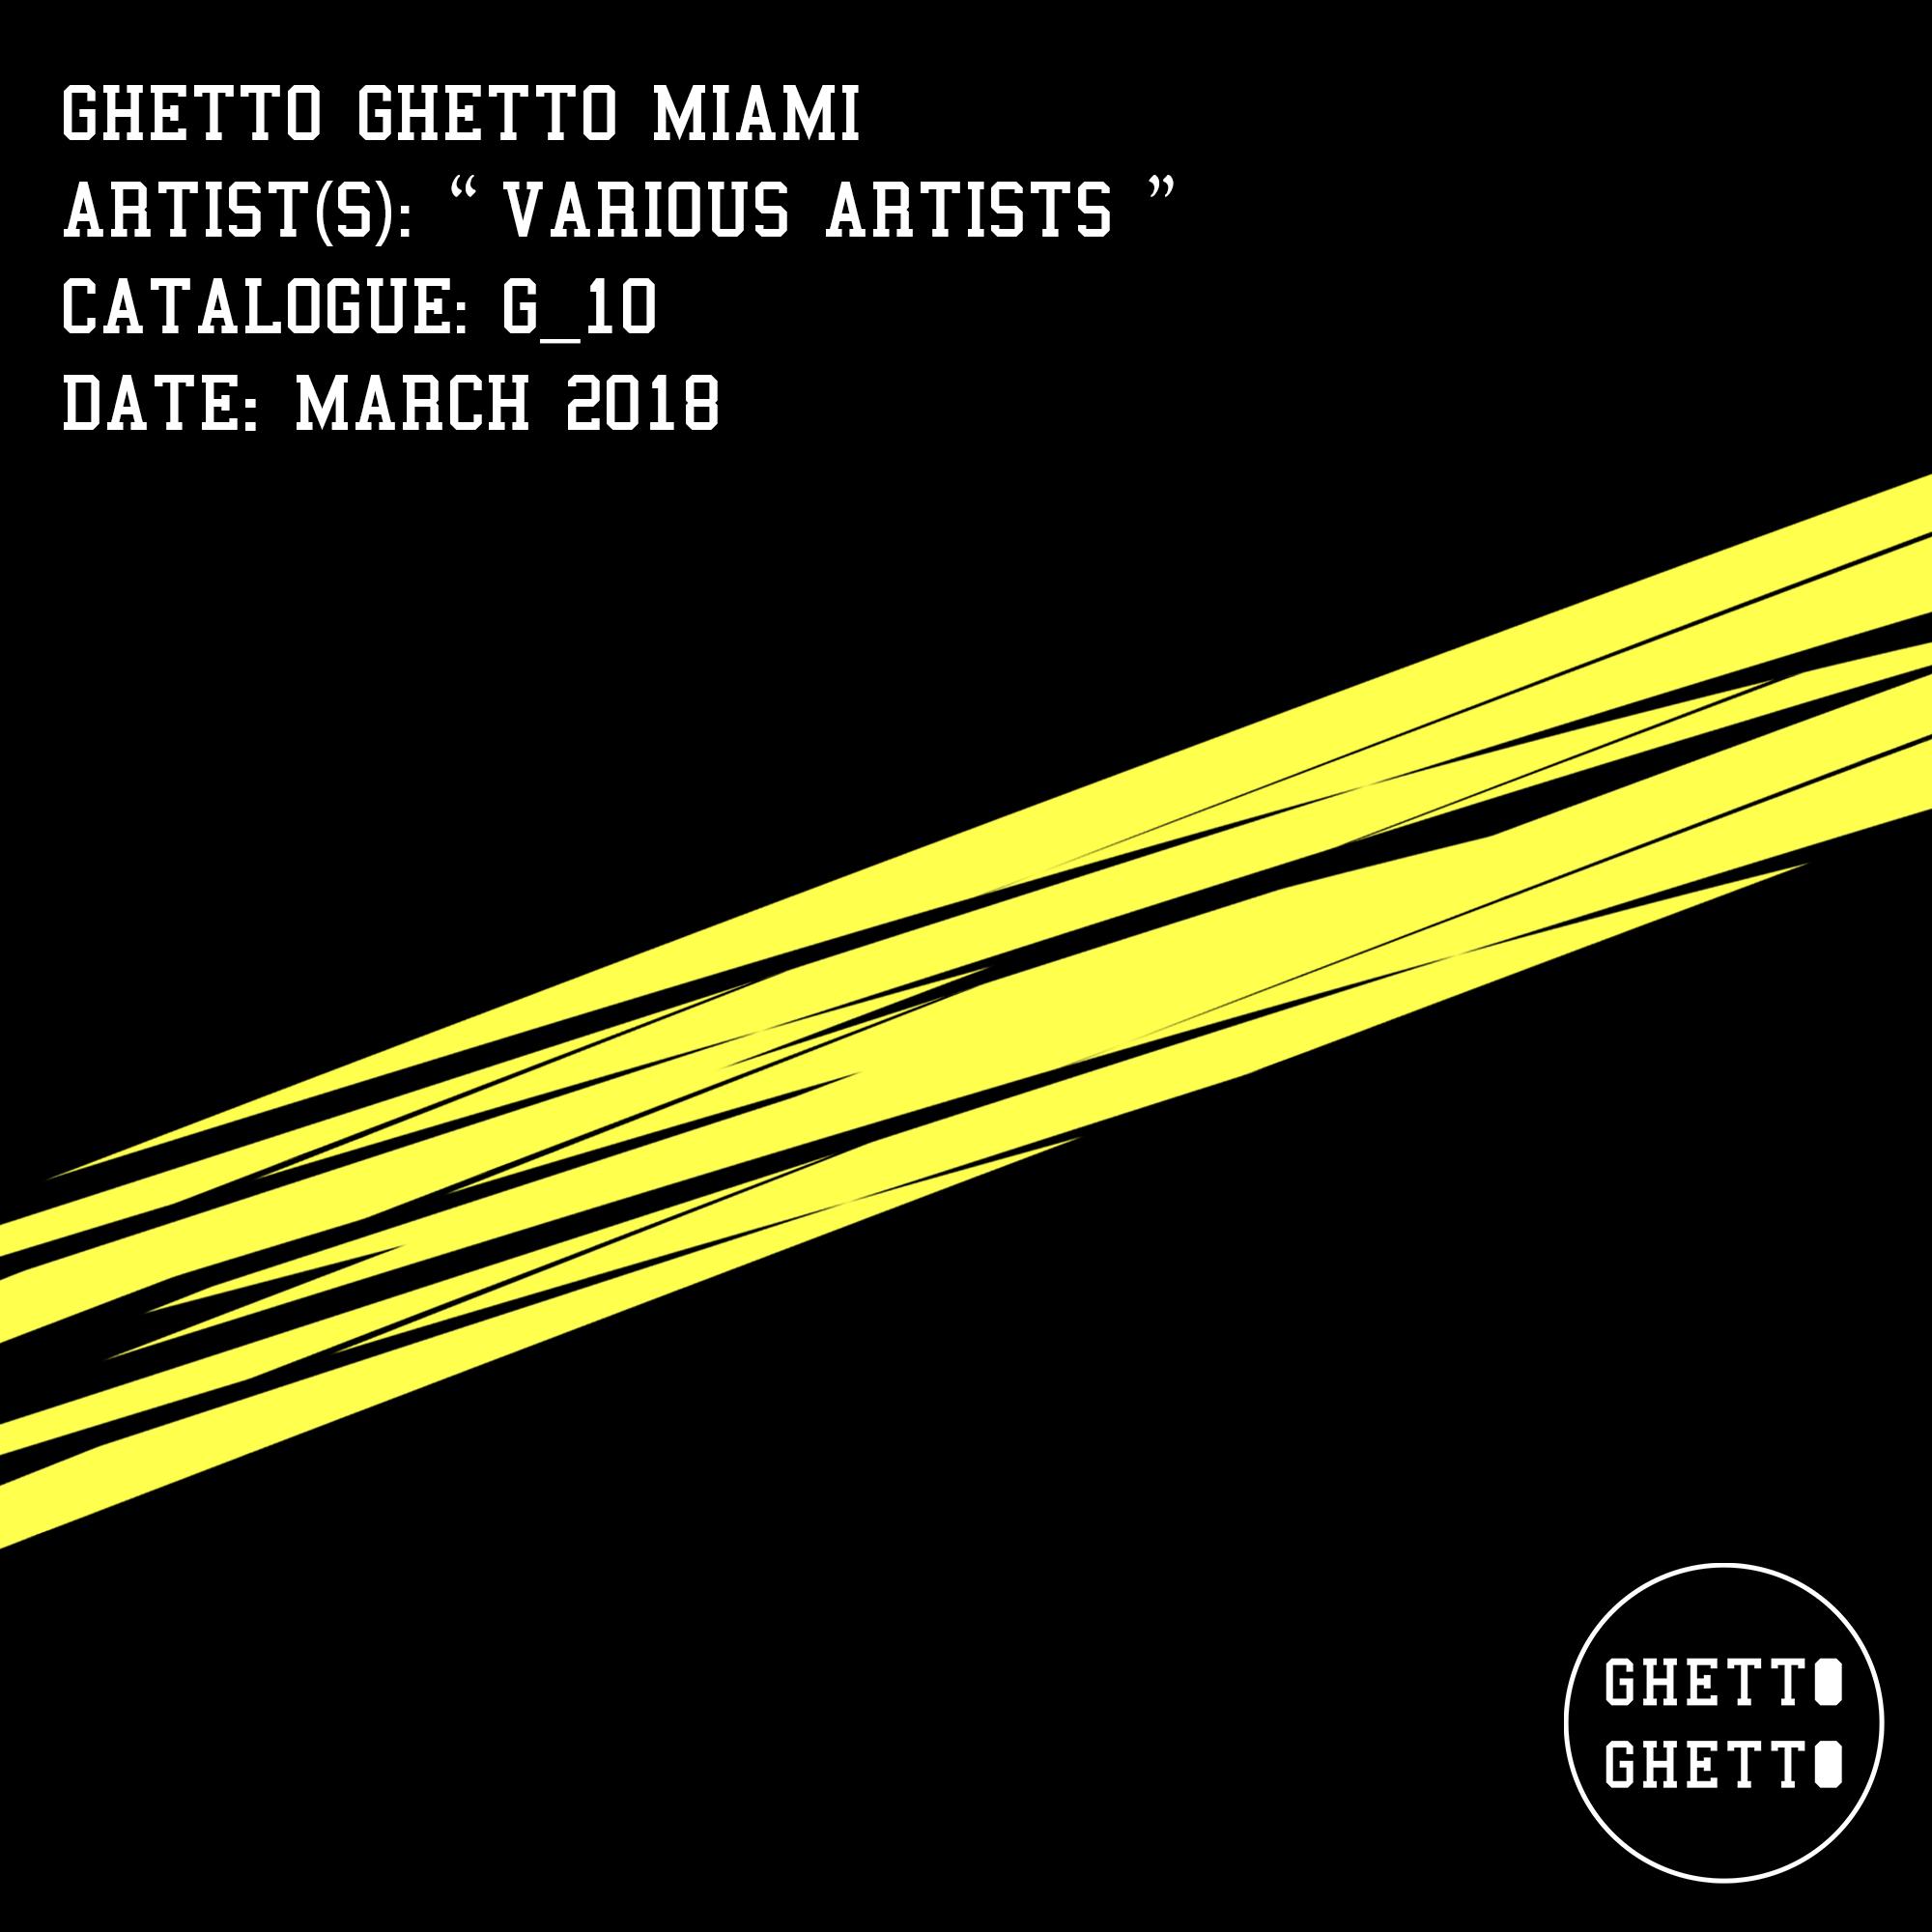 G_10 Ghetto Ghetto Miami